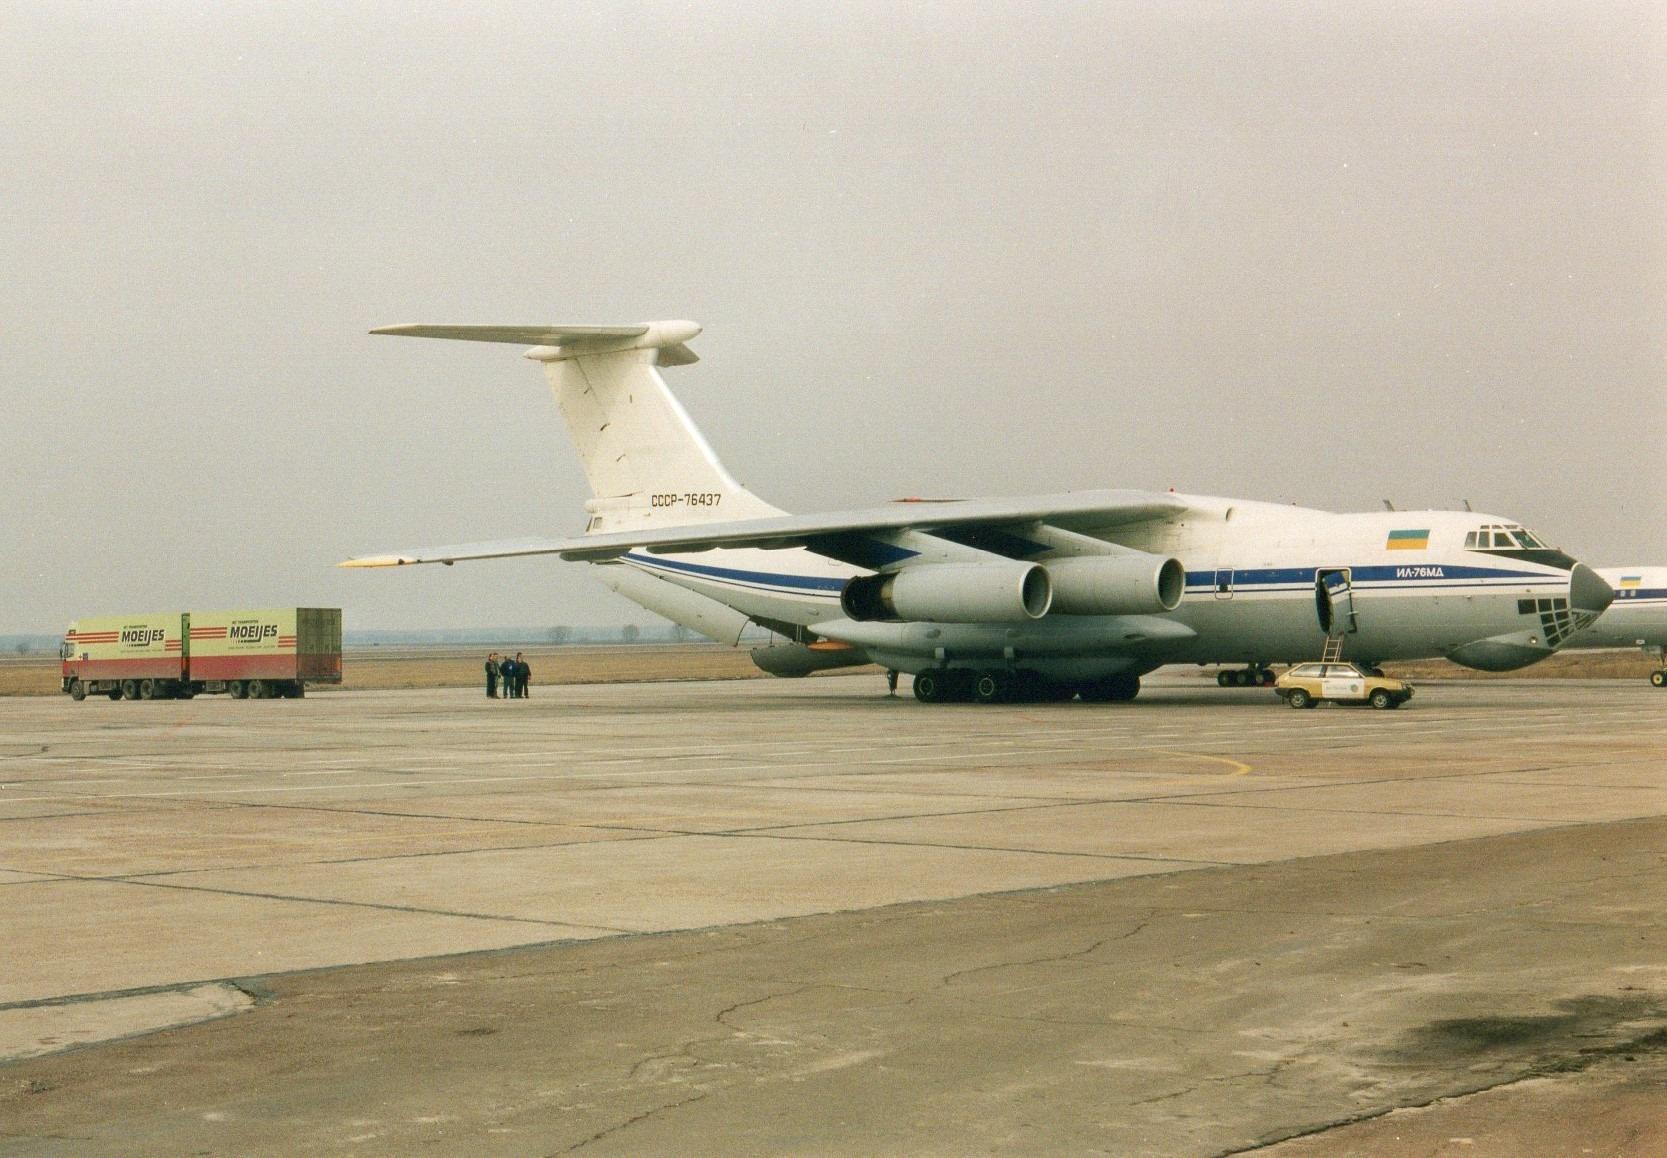 1993-Transporten-medicijnen-voor-het-Rode-Kruis-met-bestemming-Armenie.-Rijden-naar-Armenie-was-toen-te-gevaarlijk-in-Kiev-werd-het-overgeladen-10